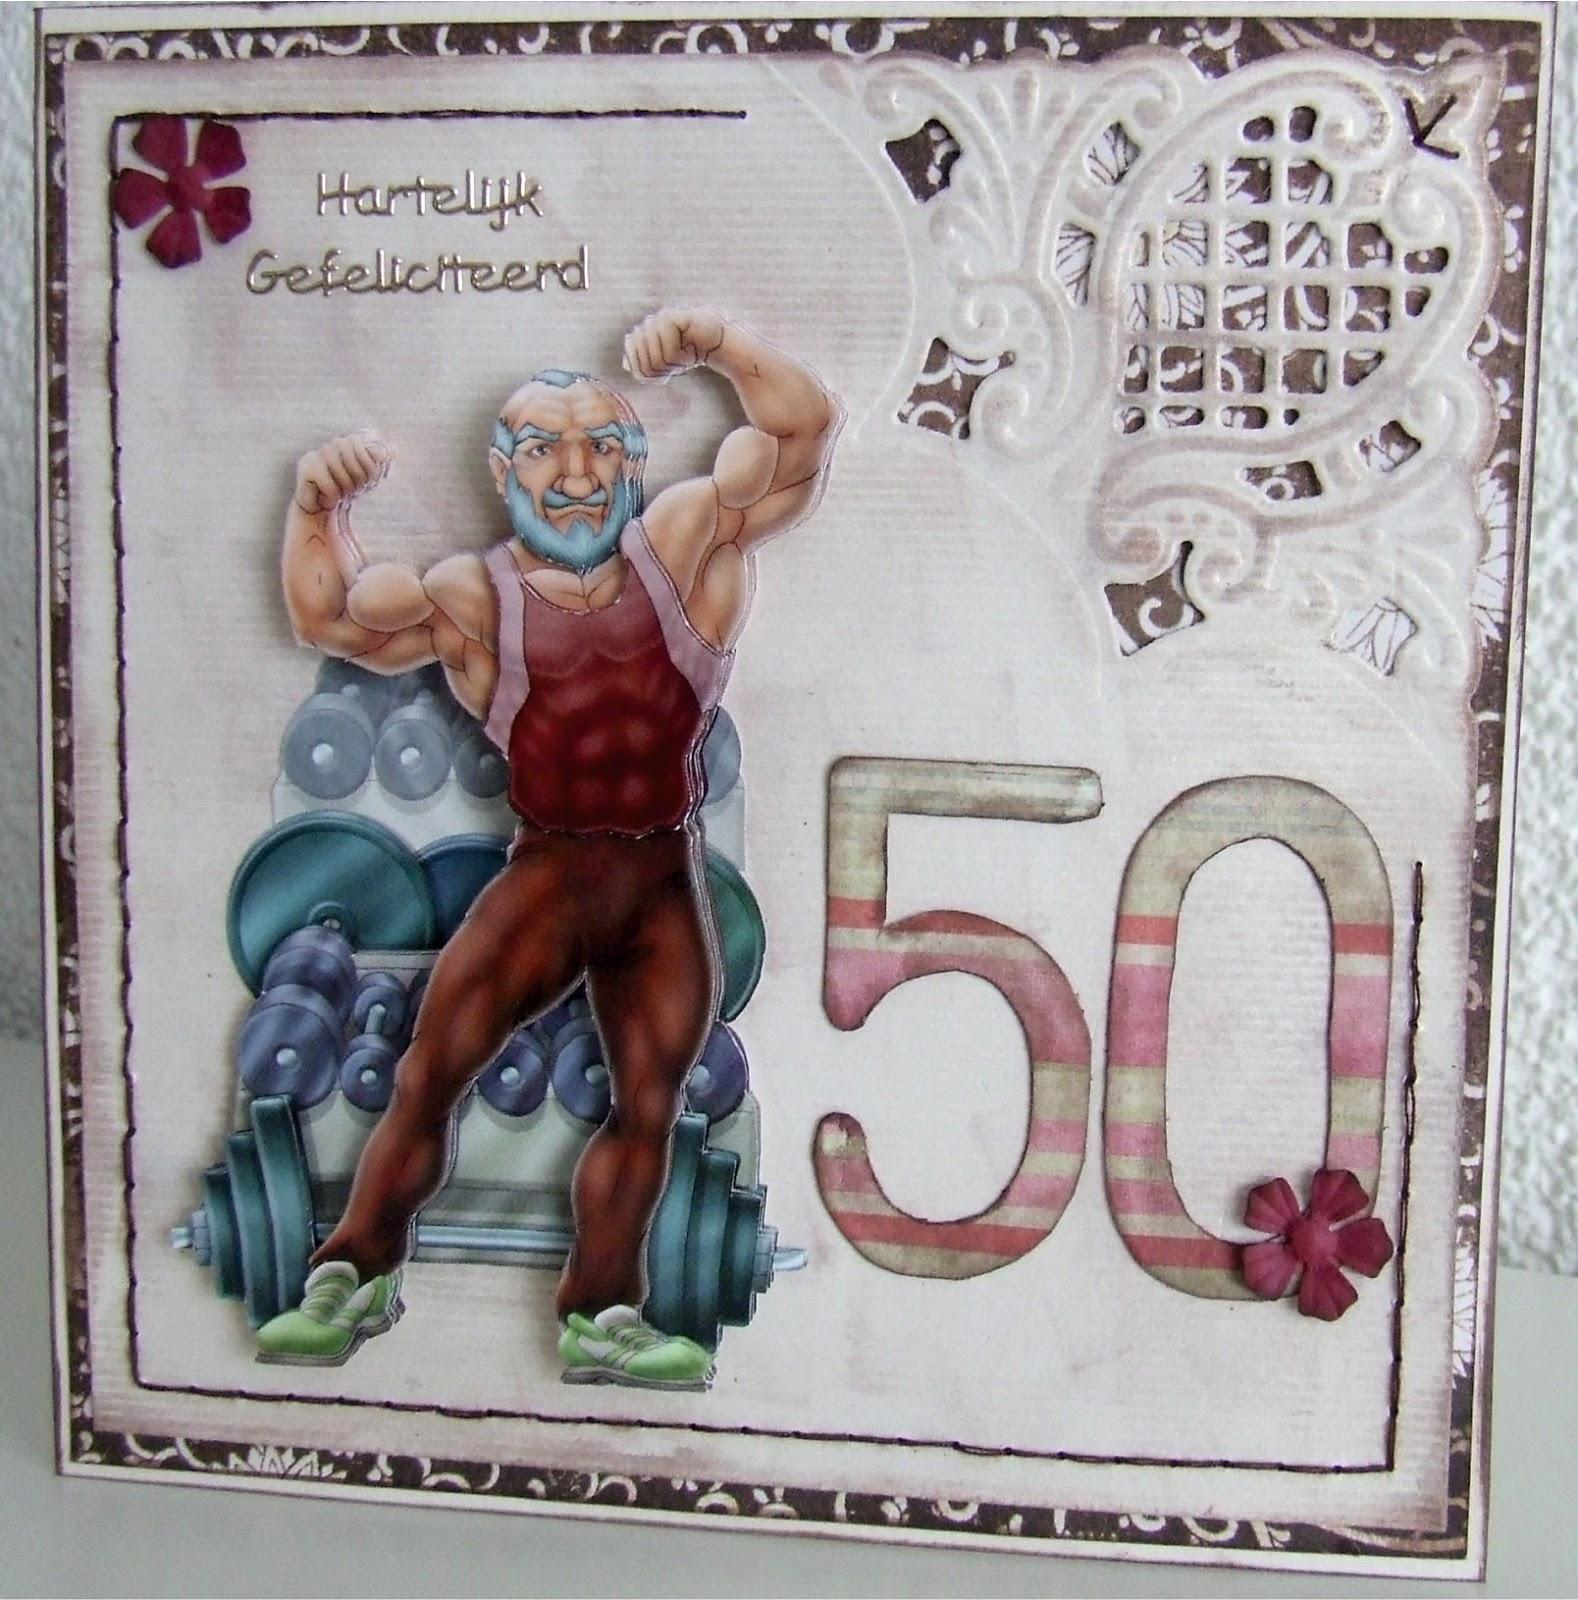 kaart maken 50 jaar abraham Abraham Kaart Maken   ARCHIDEV kaart maken 50 jaar abraham